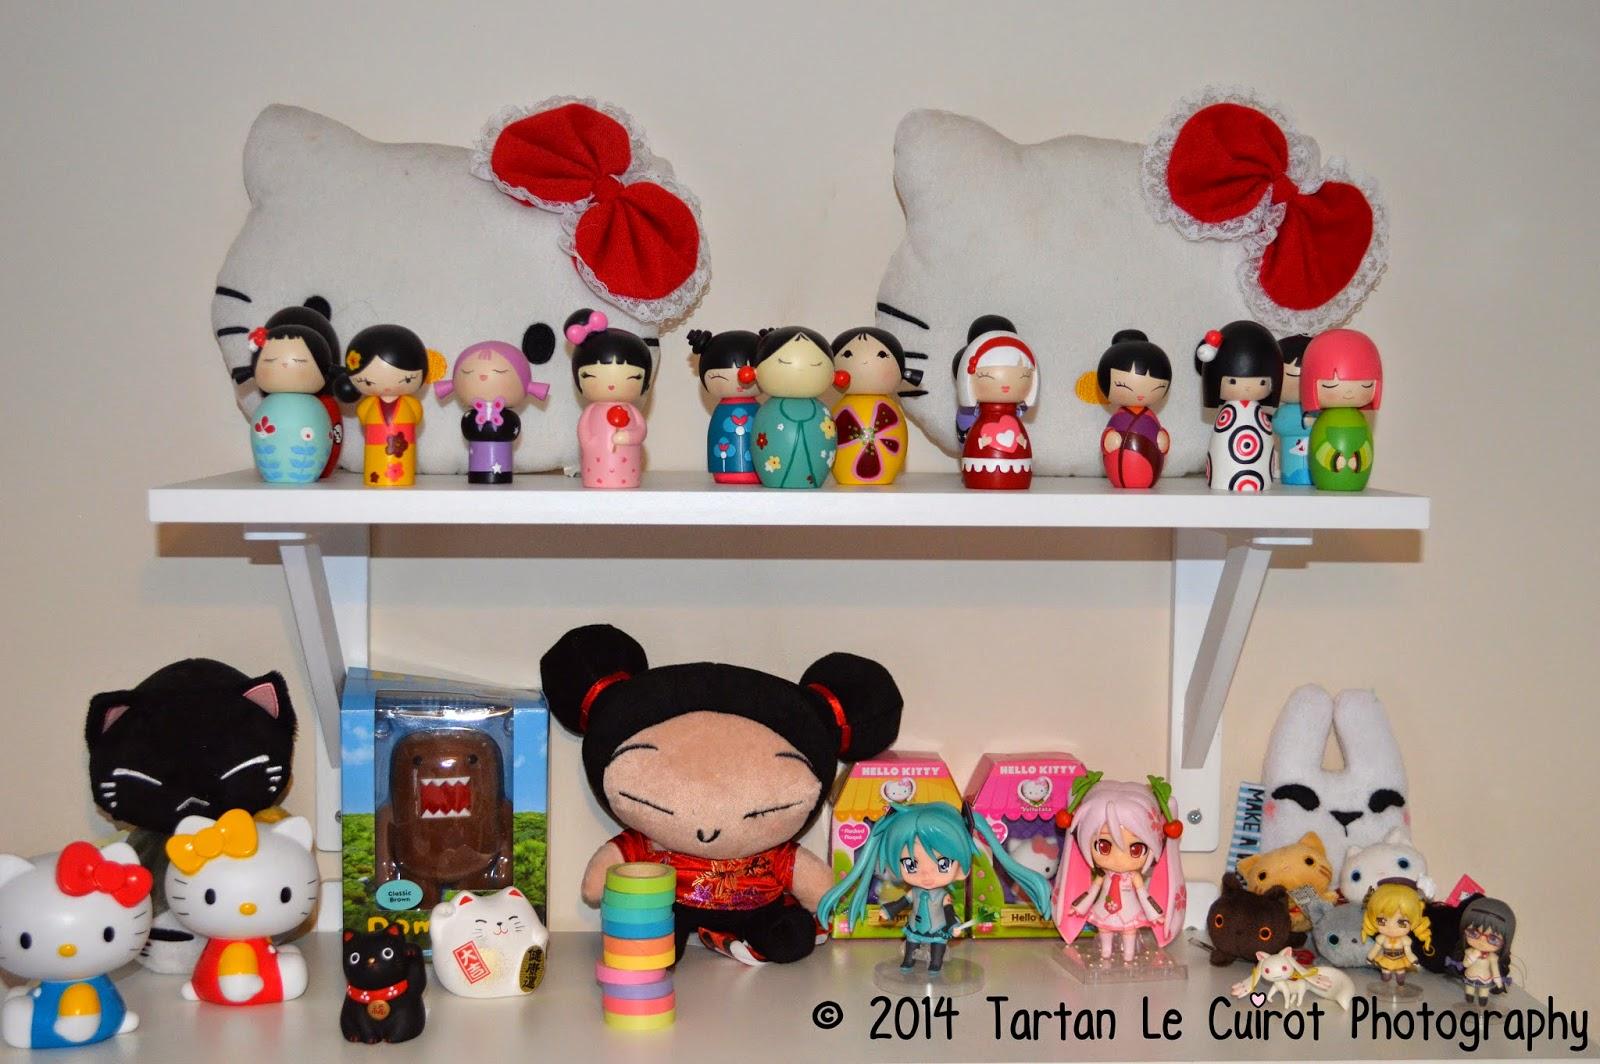 Alternative girl kawaii world how to make your room kawaii for Make your room